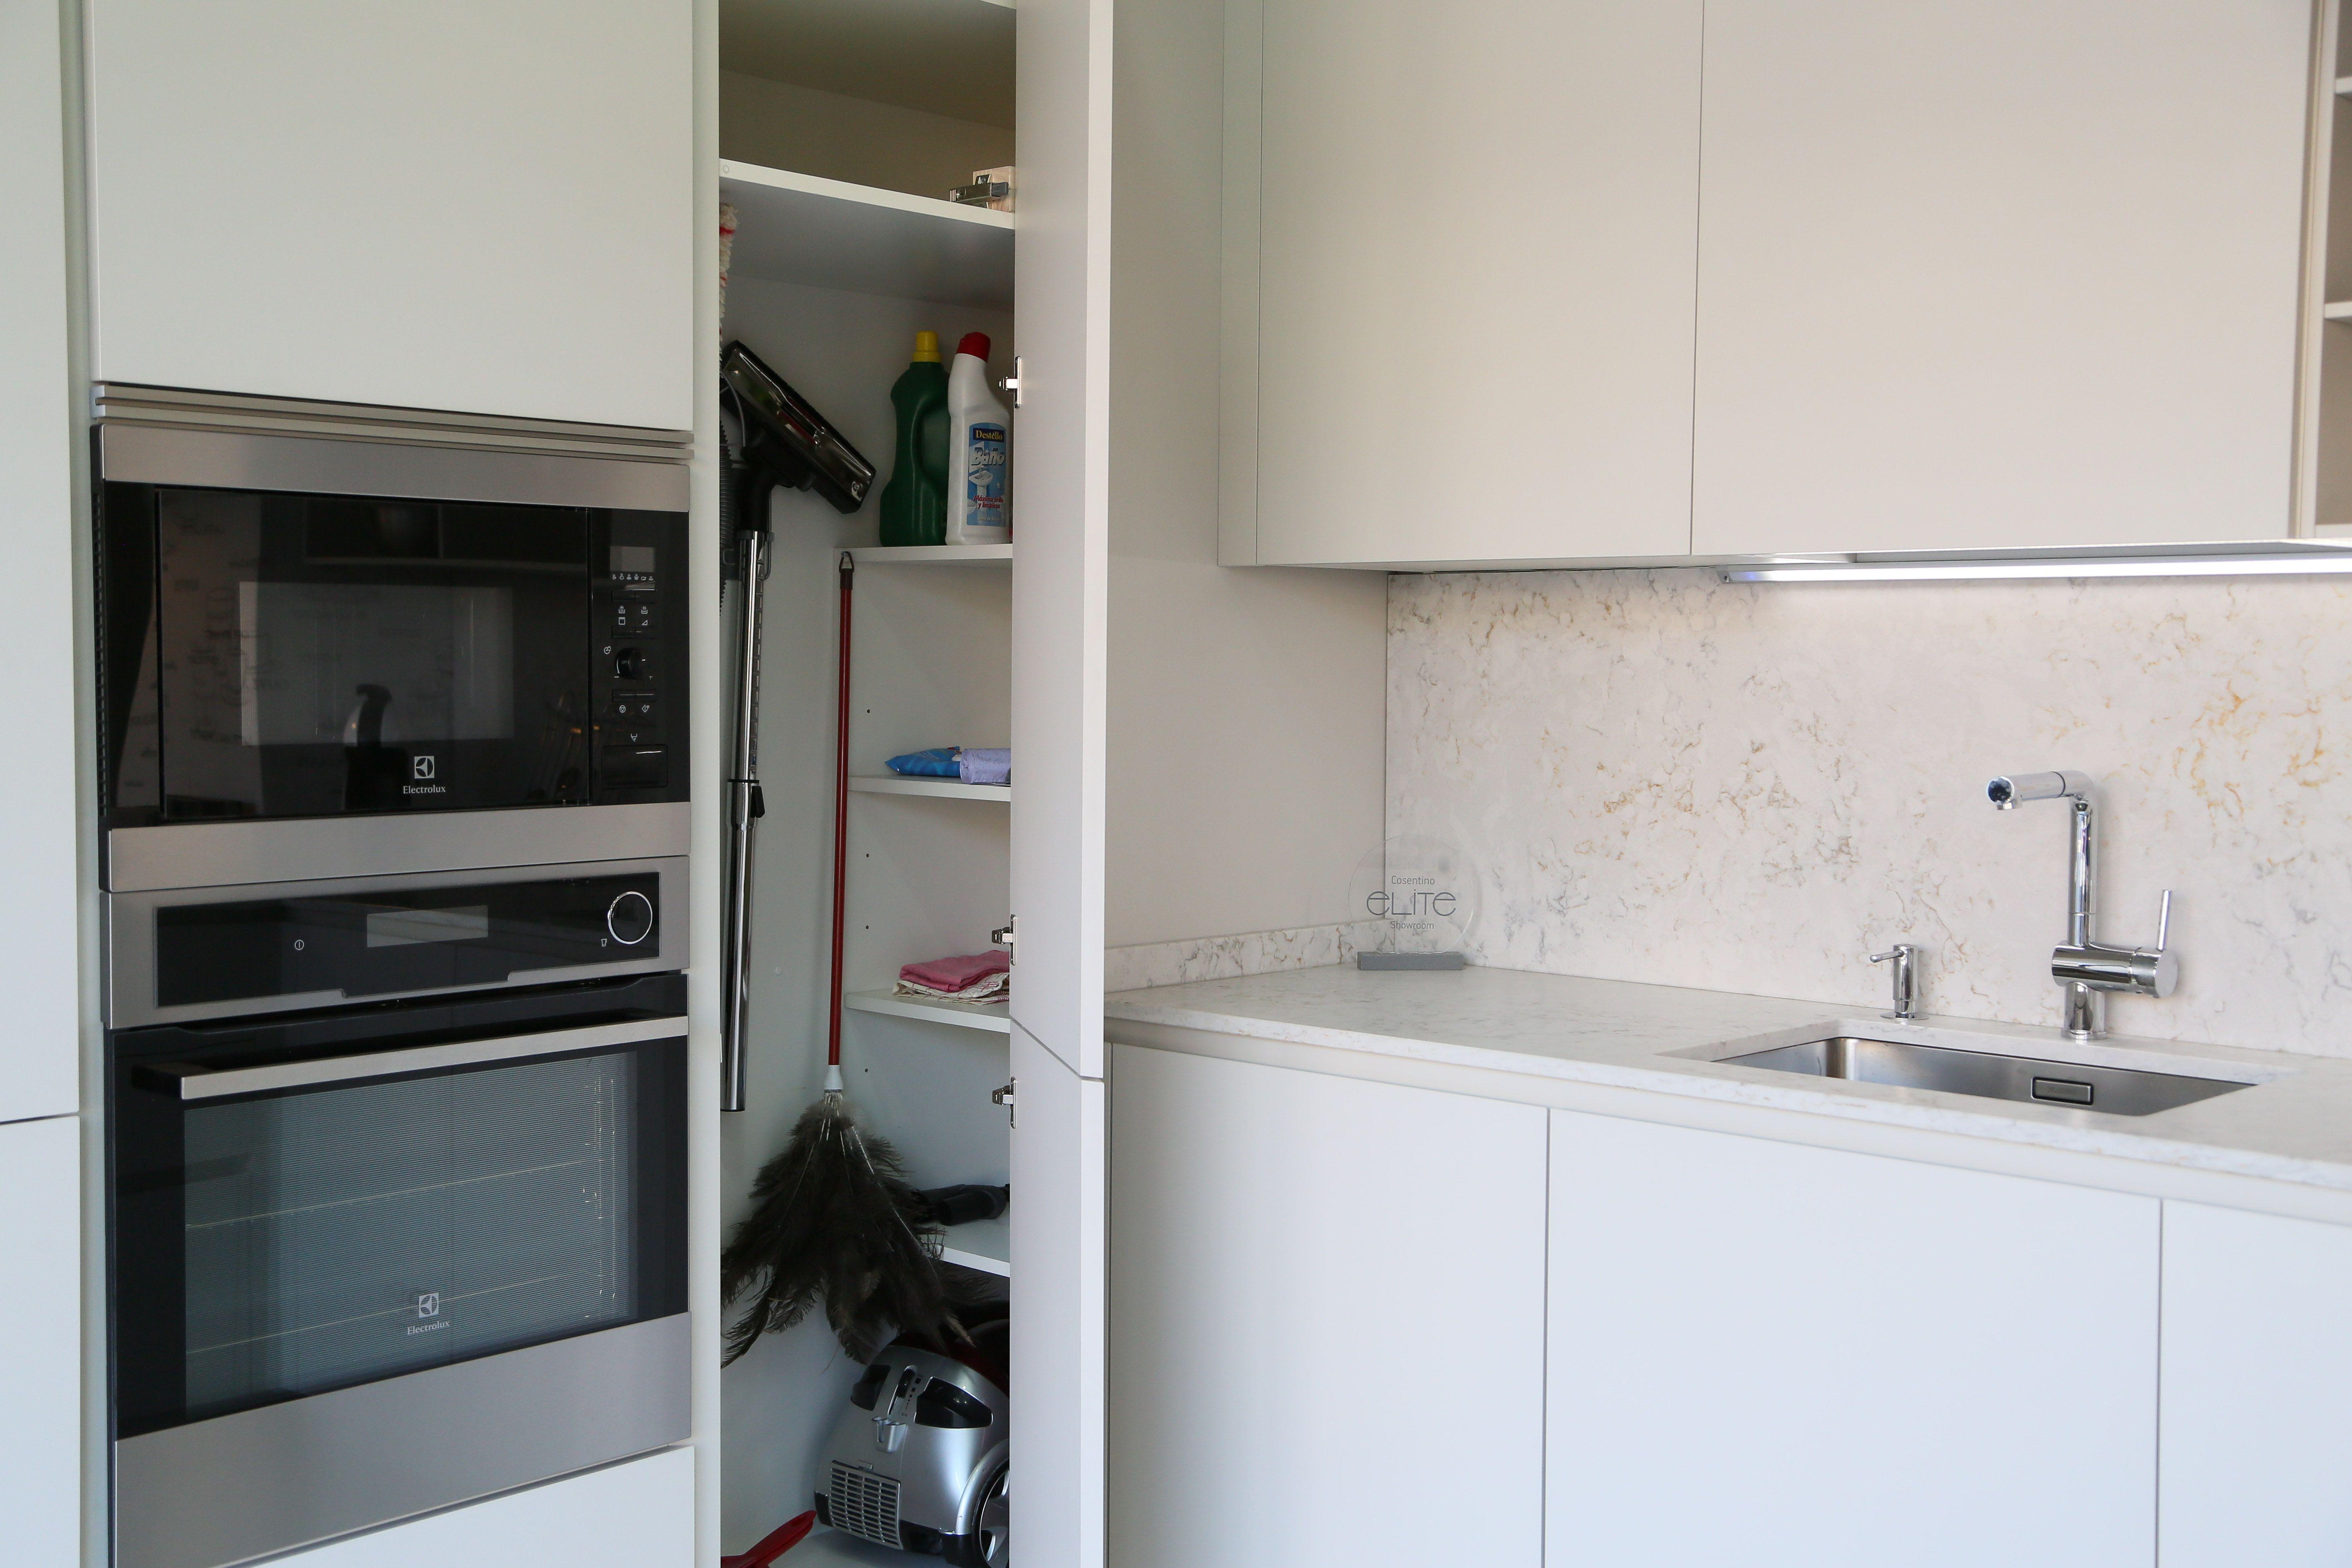 Foto 6 de Muebles de baño y cocina en Getafe | Estudio de cocinas y baños Jana